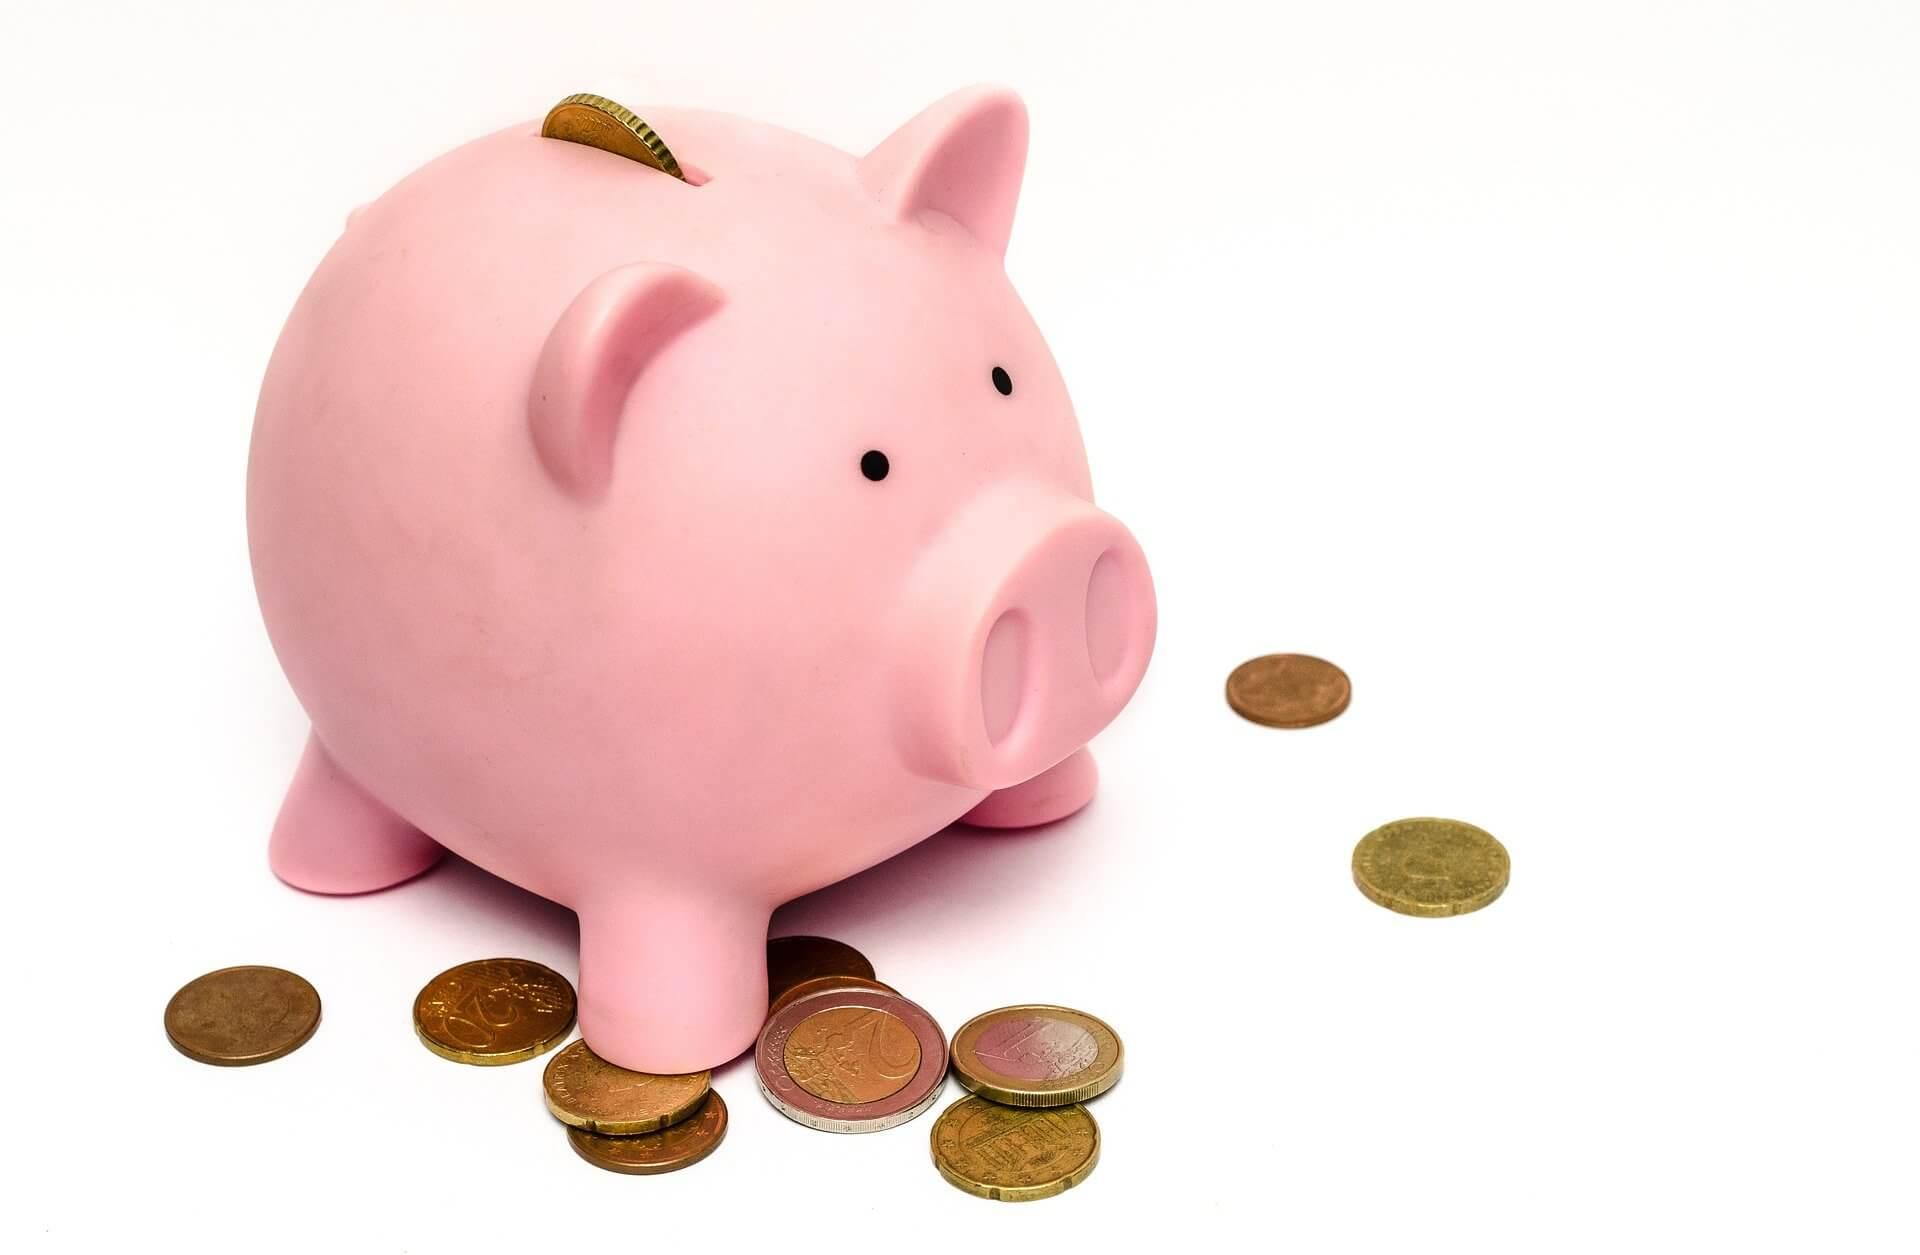 piggy bank 970340 1920 1